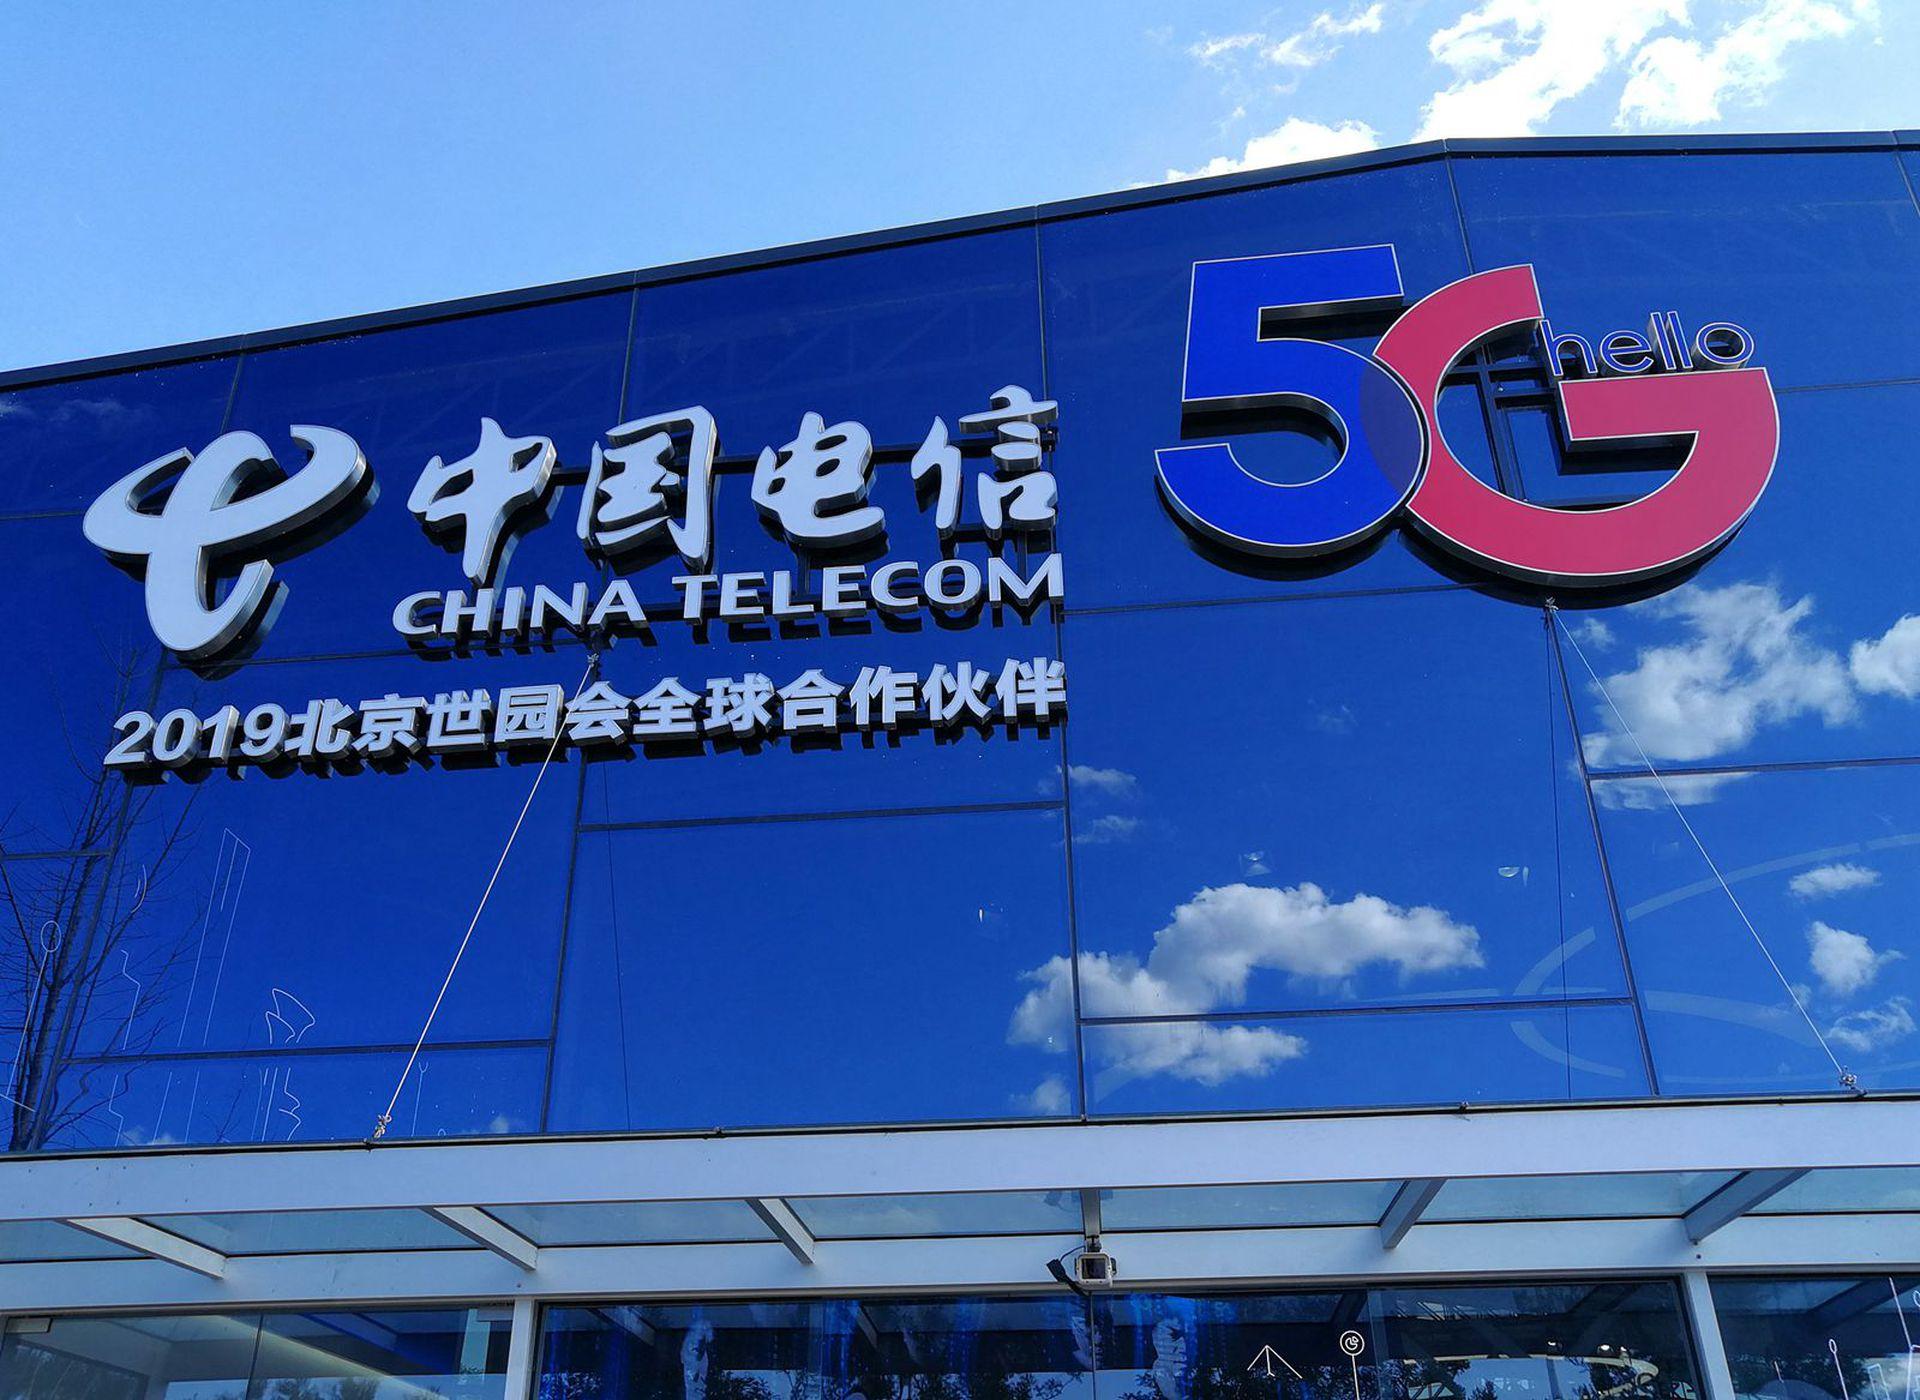 中國電信A股IPO過會:宣佈回A後股價累漲近27% 市值超2500億港元